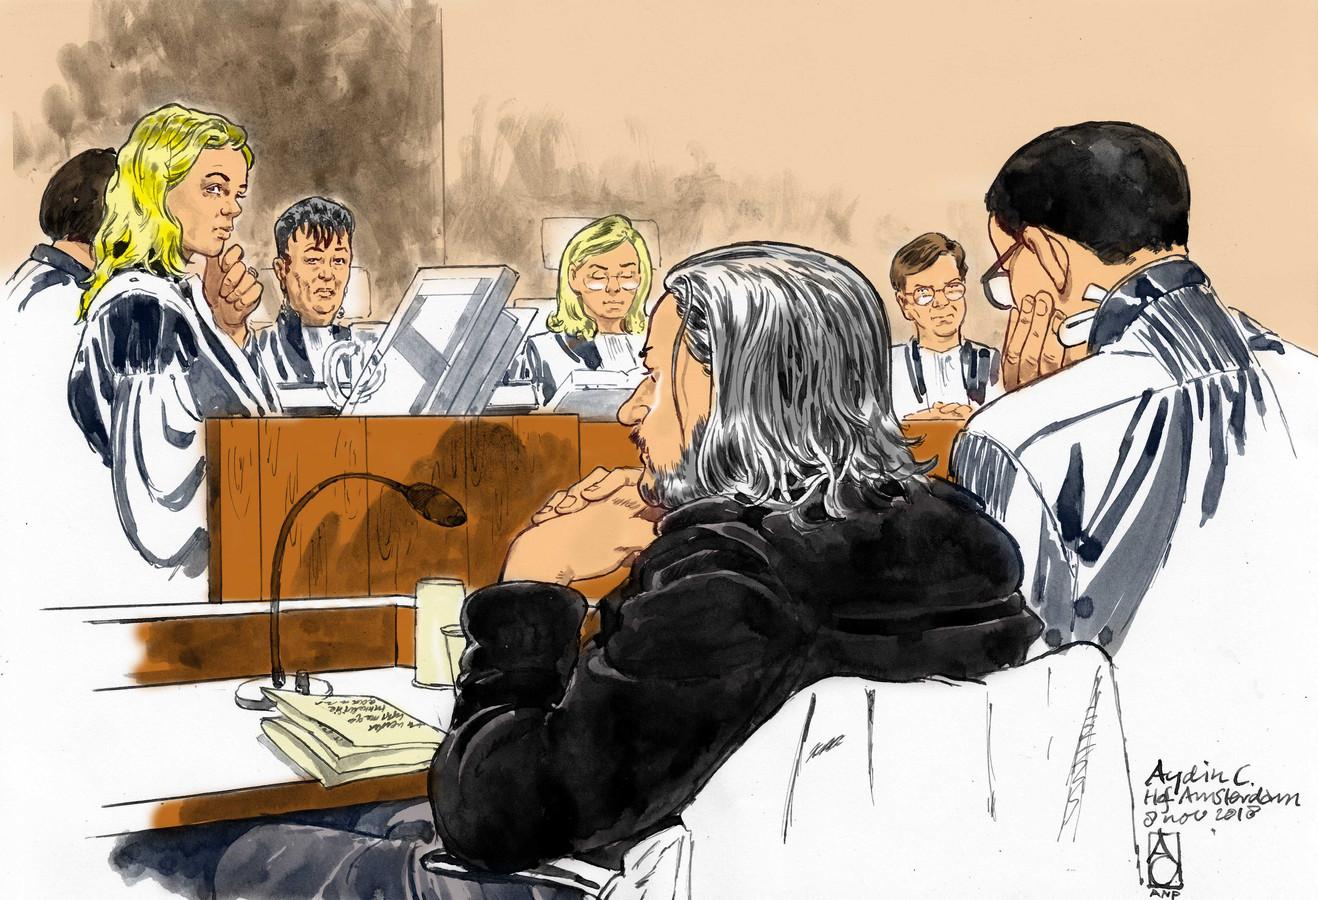 Rechtbanktekening van verdachte Aydin C. met zijn advocaat mr. R. Malewicz tijdens een zitting in de zogeheten webcamzaak.